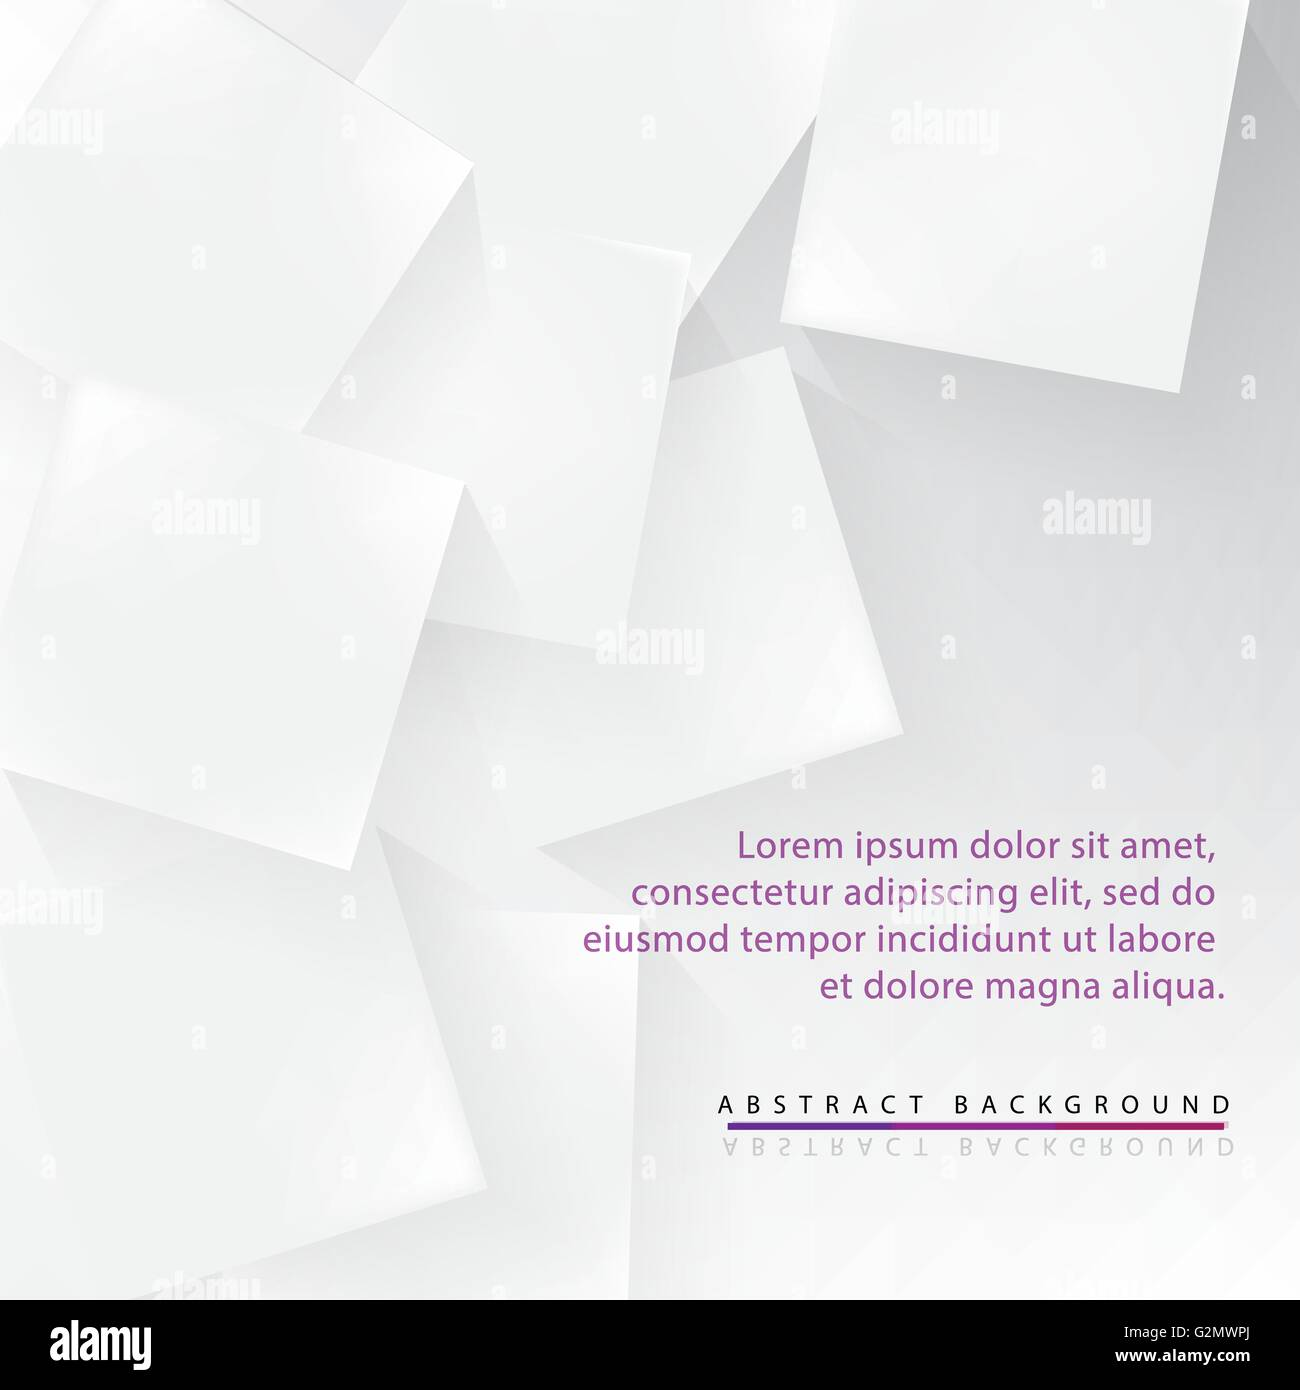 Niedlich Web Entwicklung Zitat Vorlage Bilder - Entry Level Resume ...